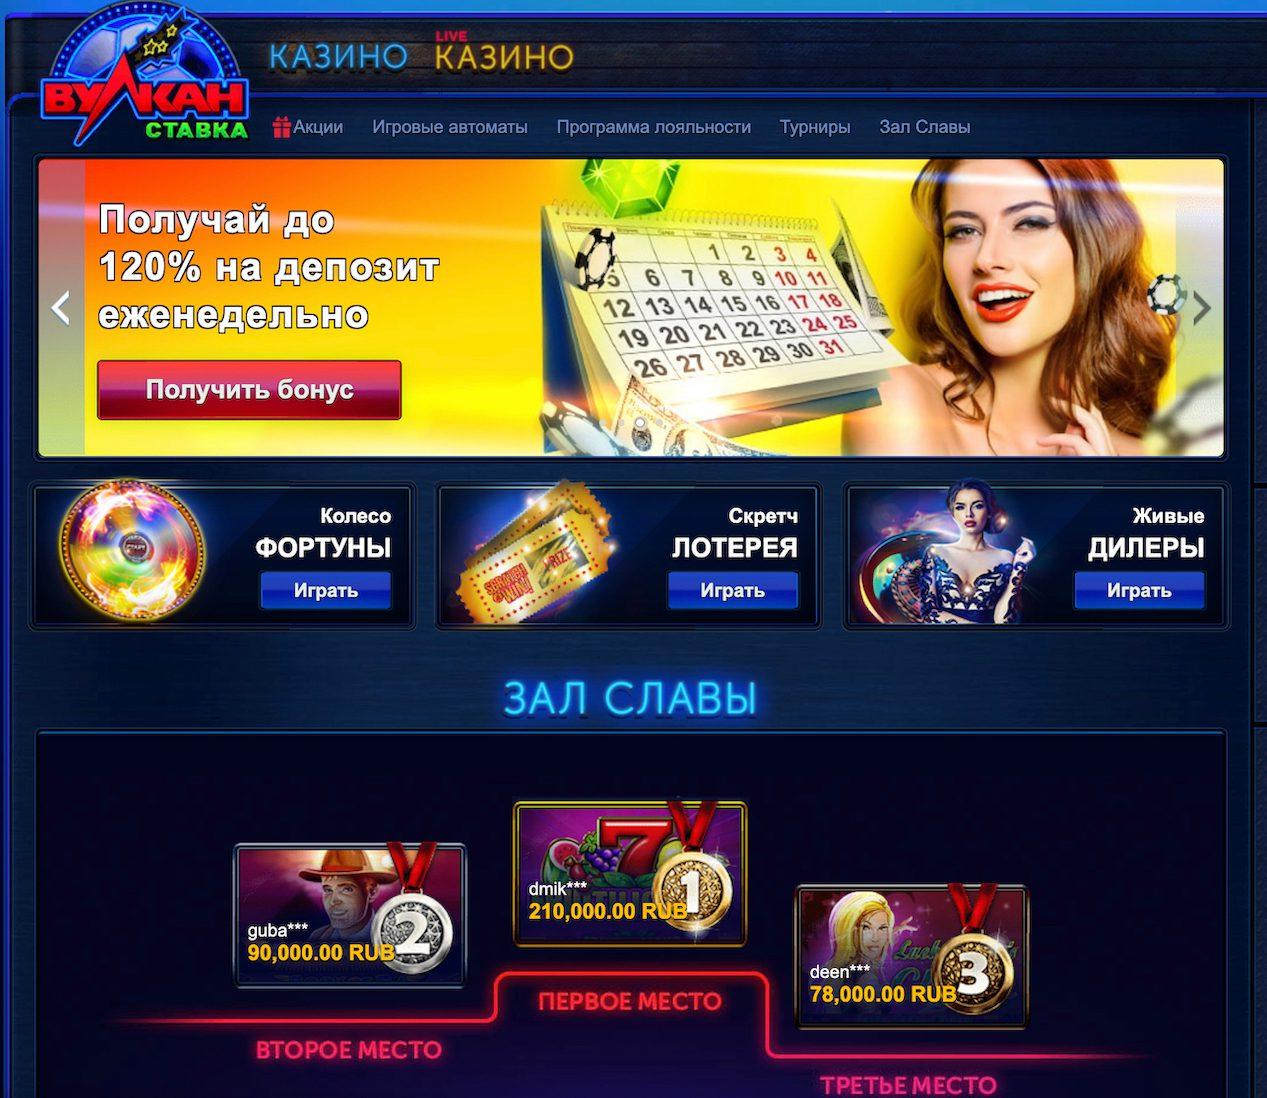 Как играть в казино онлайн Вулкан на реальные деньги?